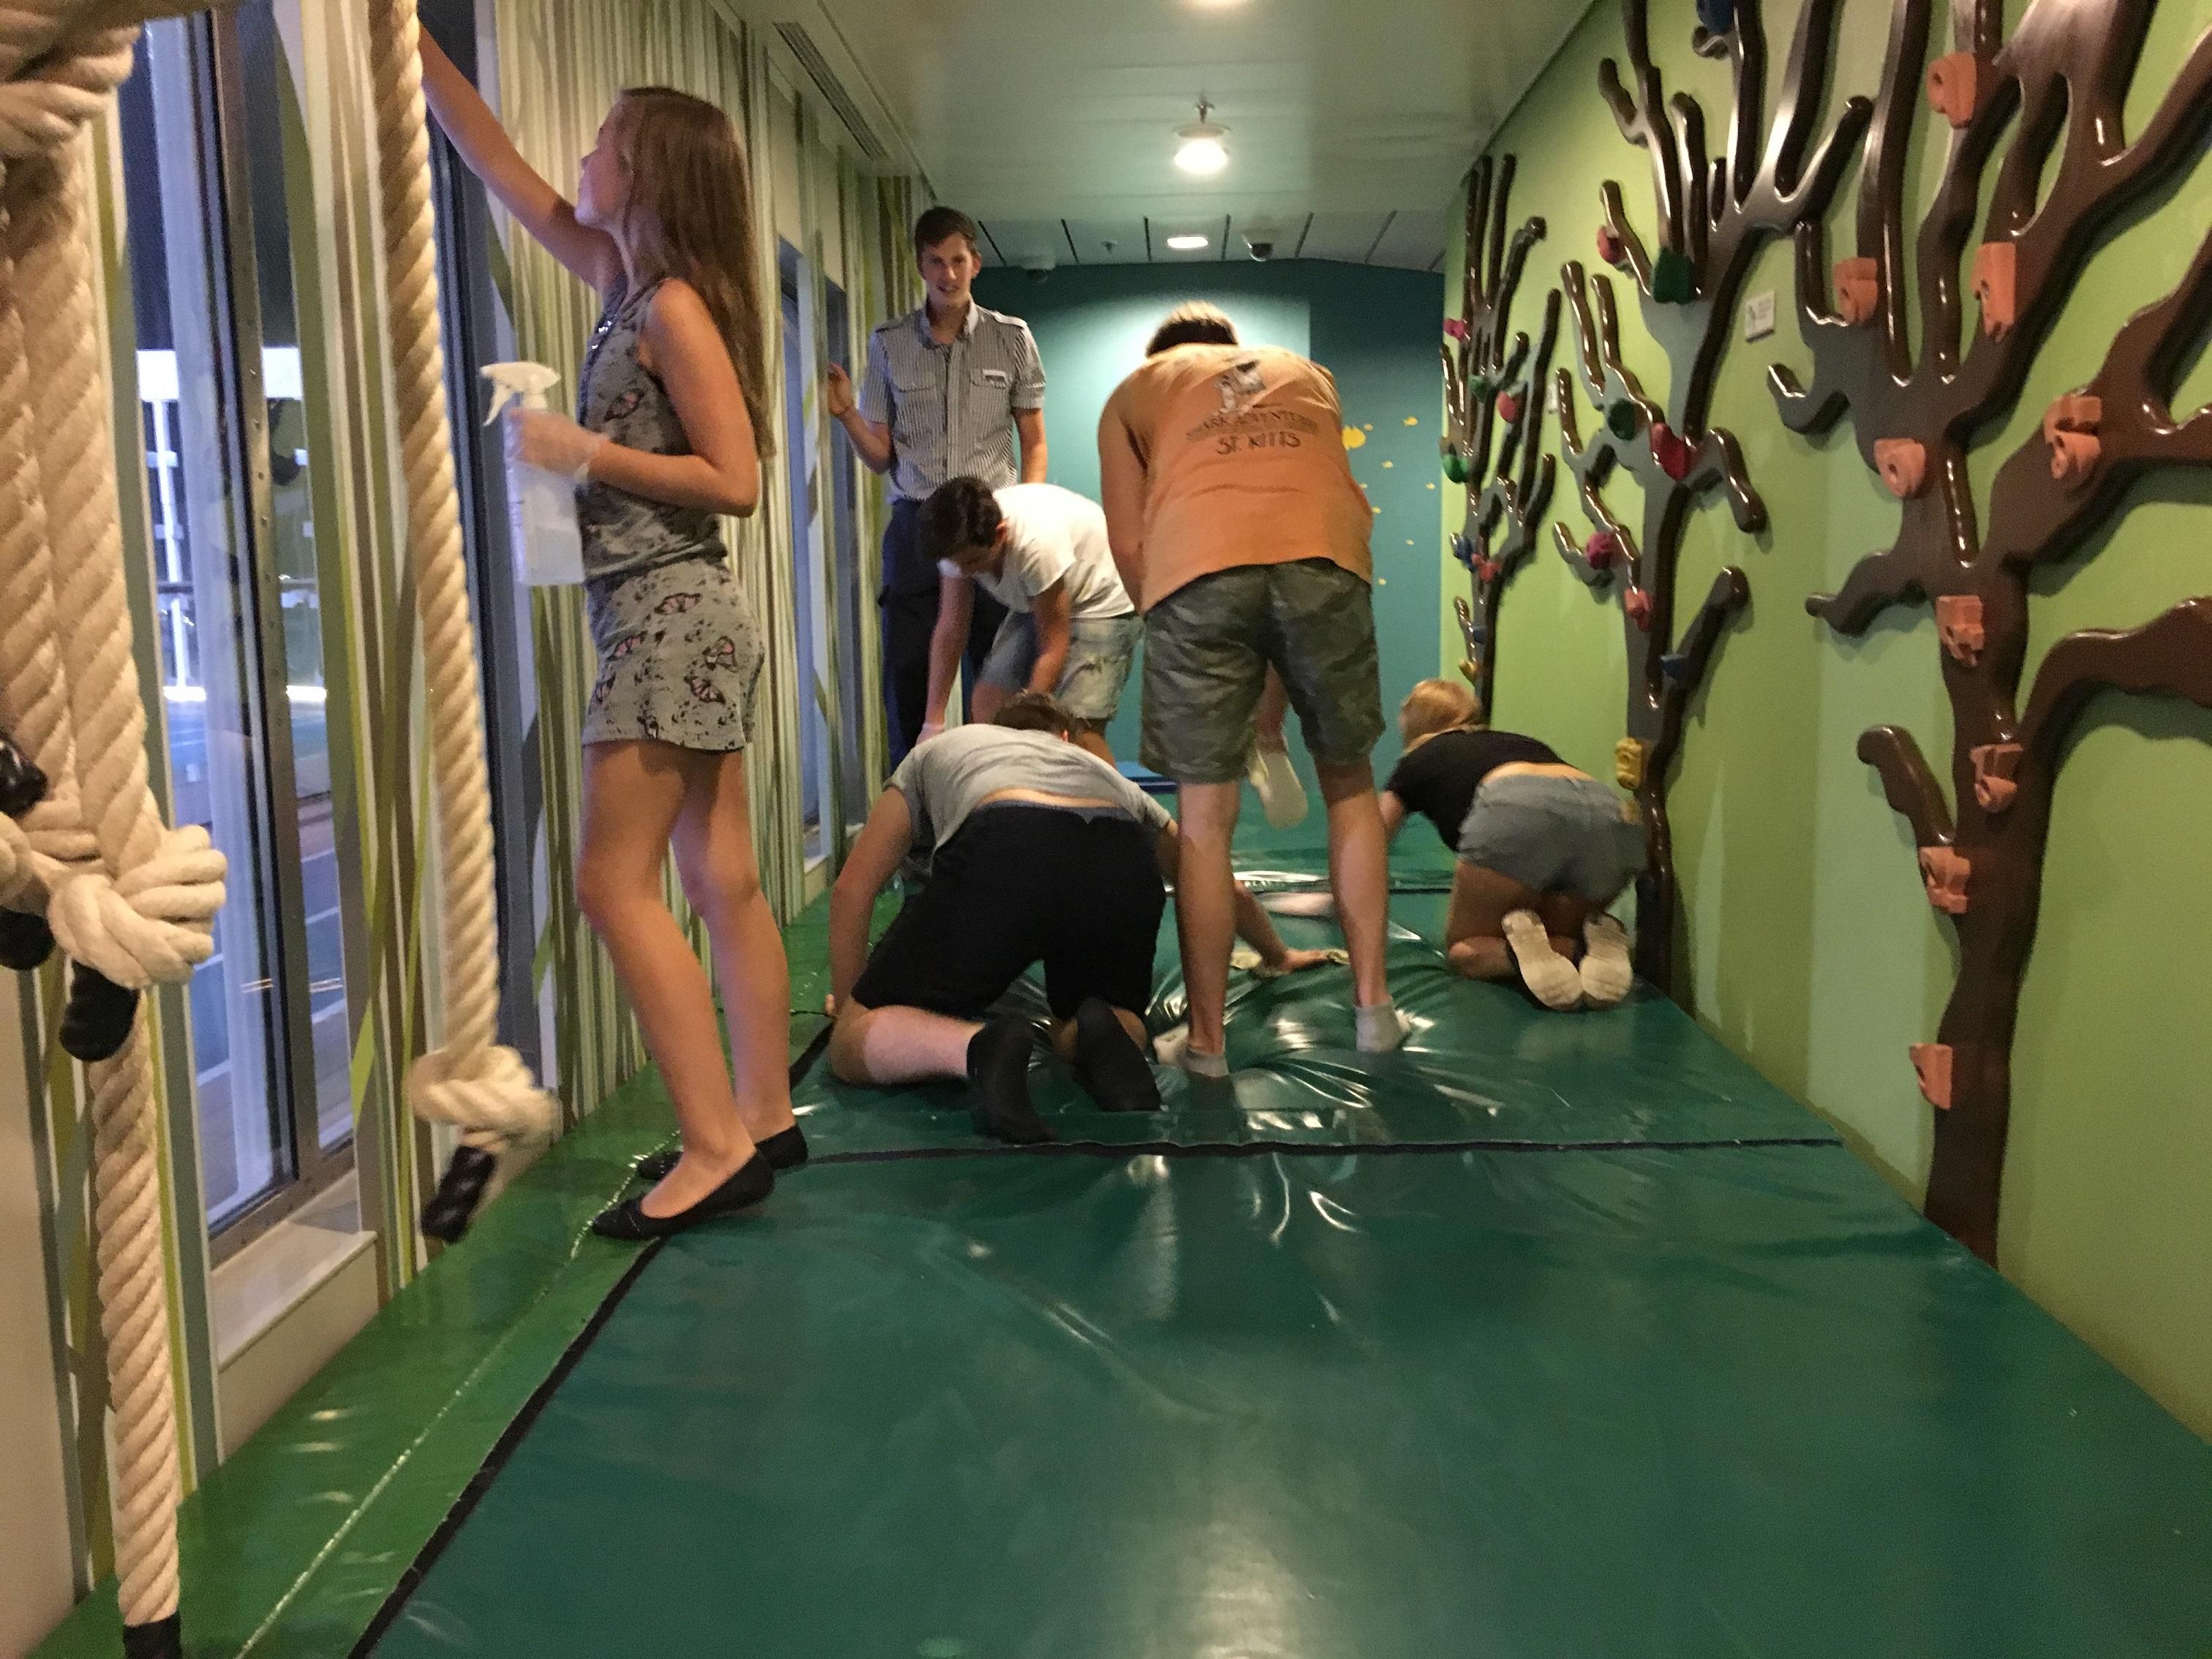 Mein Schiff Teens beim Putzen im Kids Club